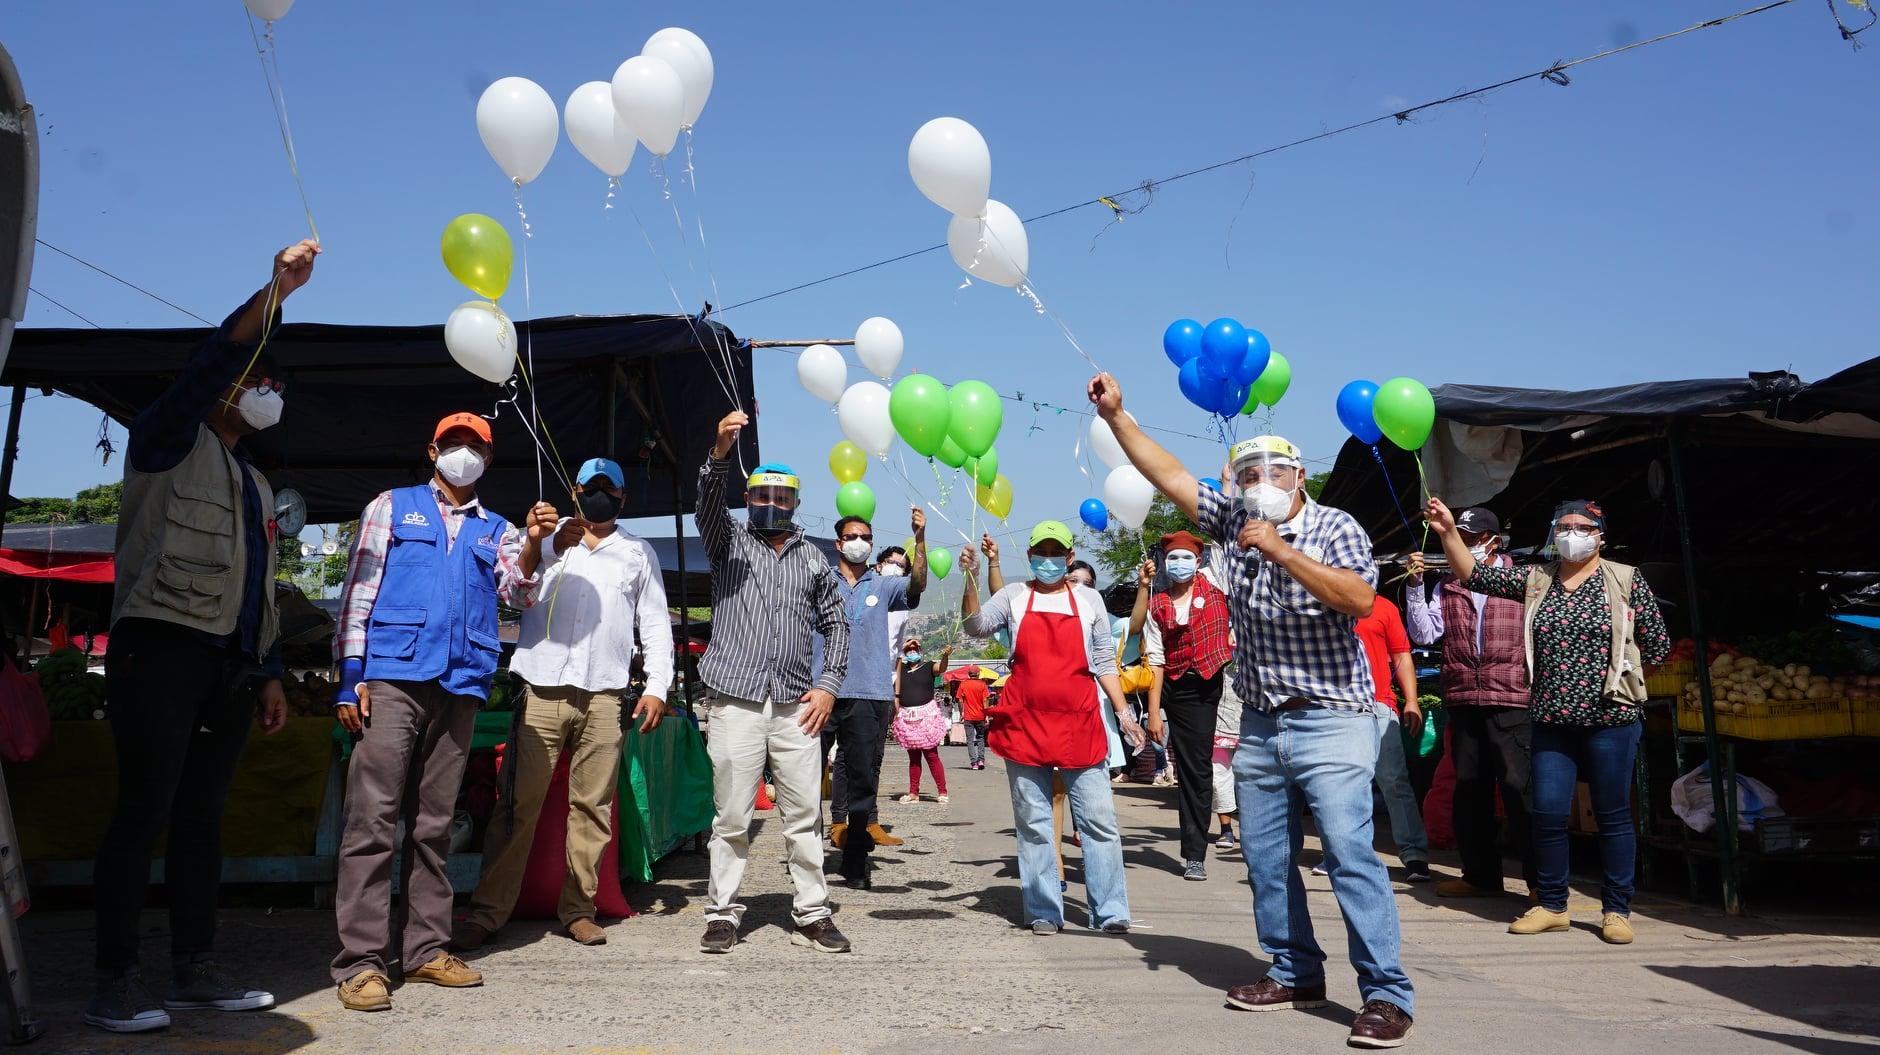 La Asociación Foro Nacional de VIH/Sida y CARE Internacional en Honduras realizan el lanzamiento del Proyecto en La Feria del Agricultor y el Artesano